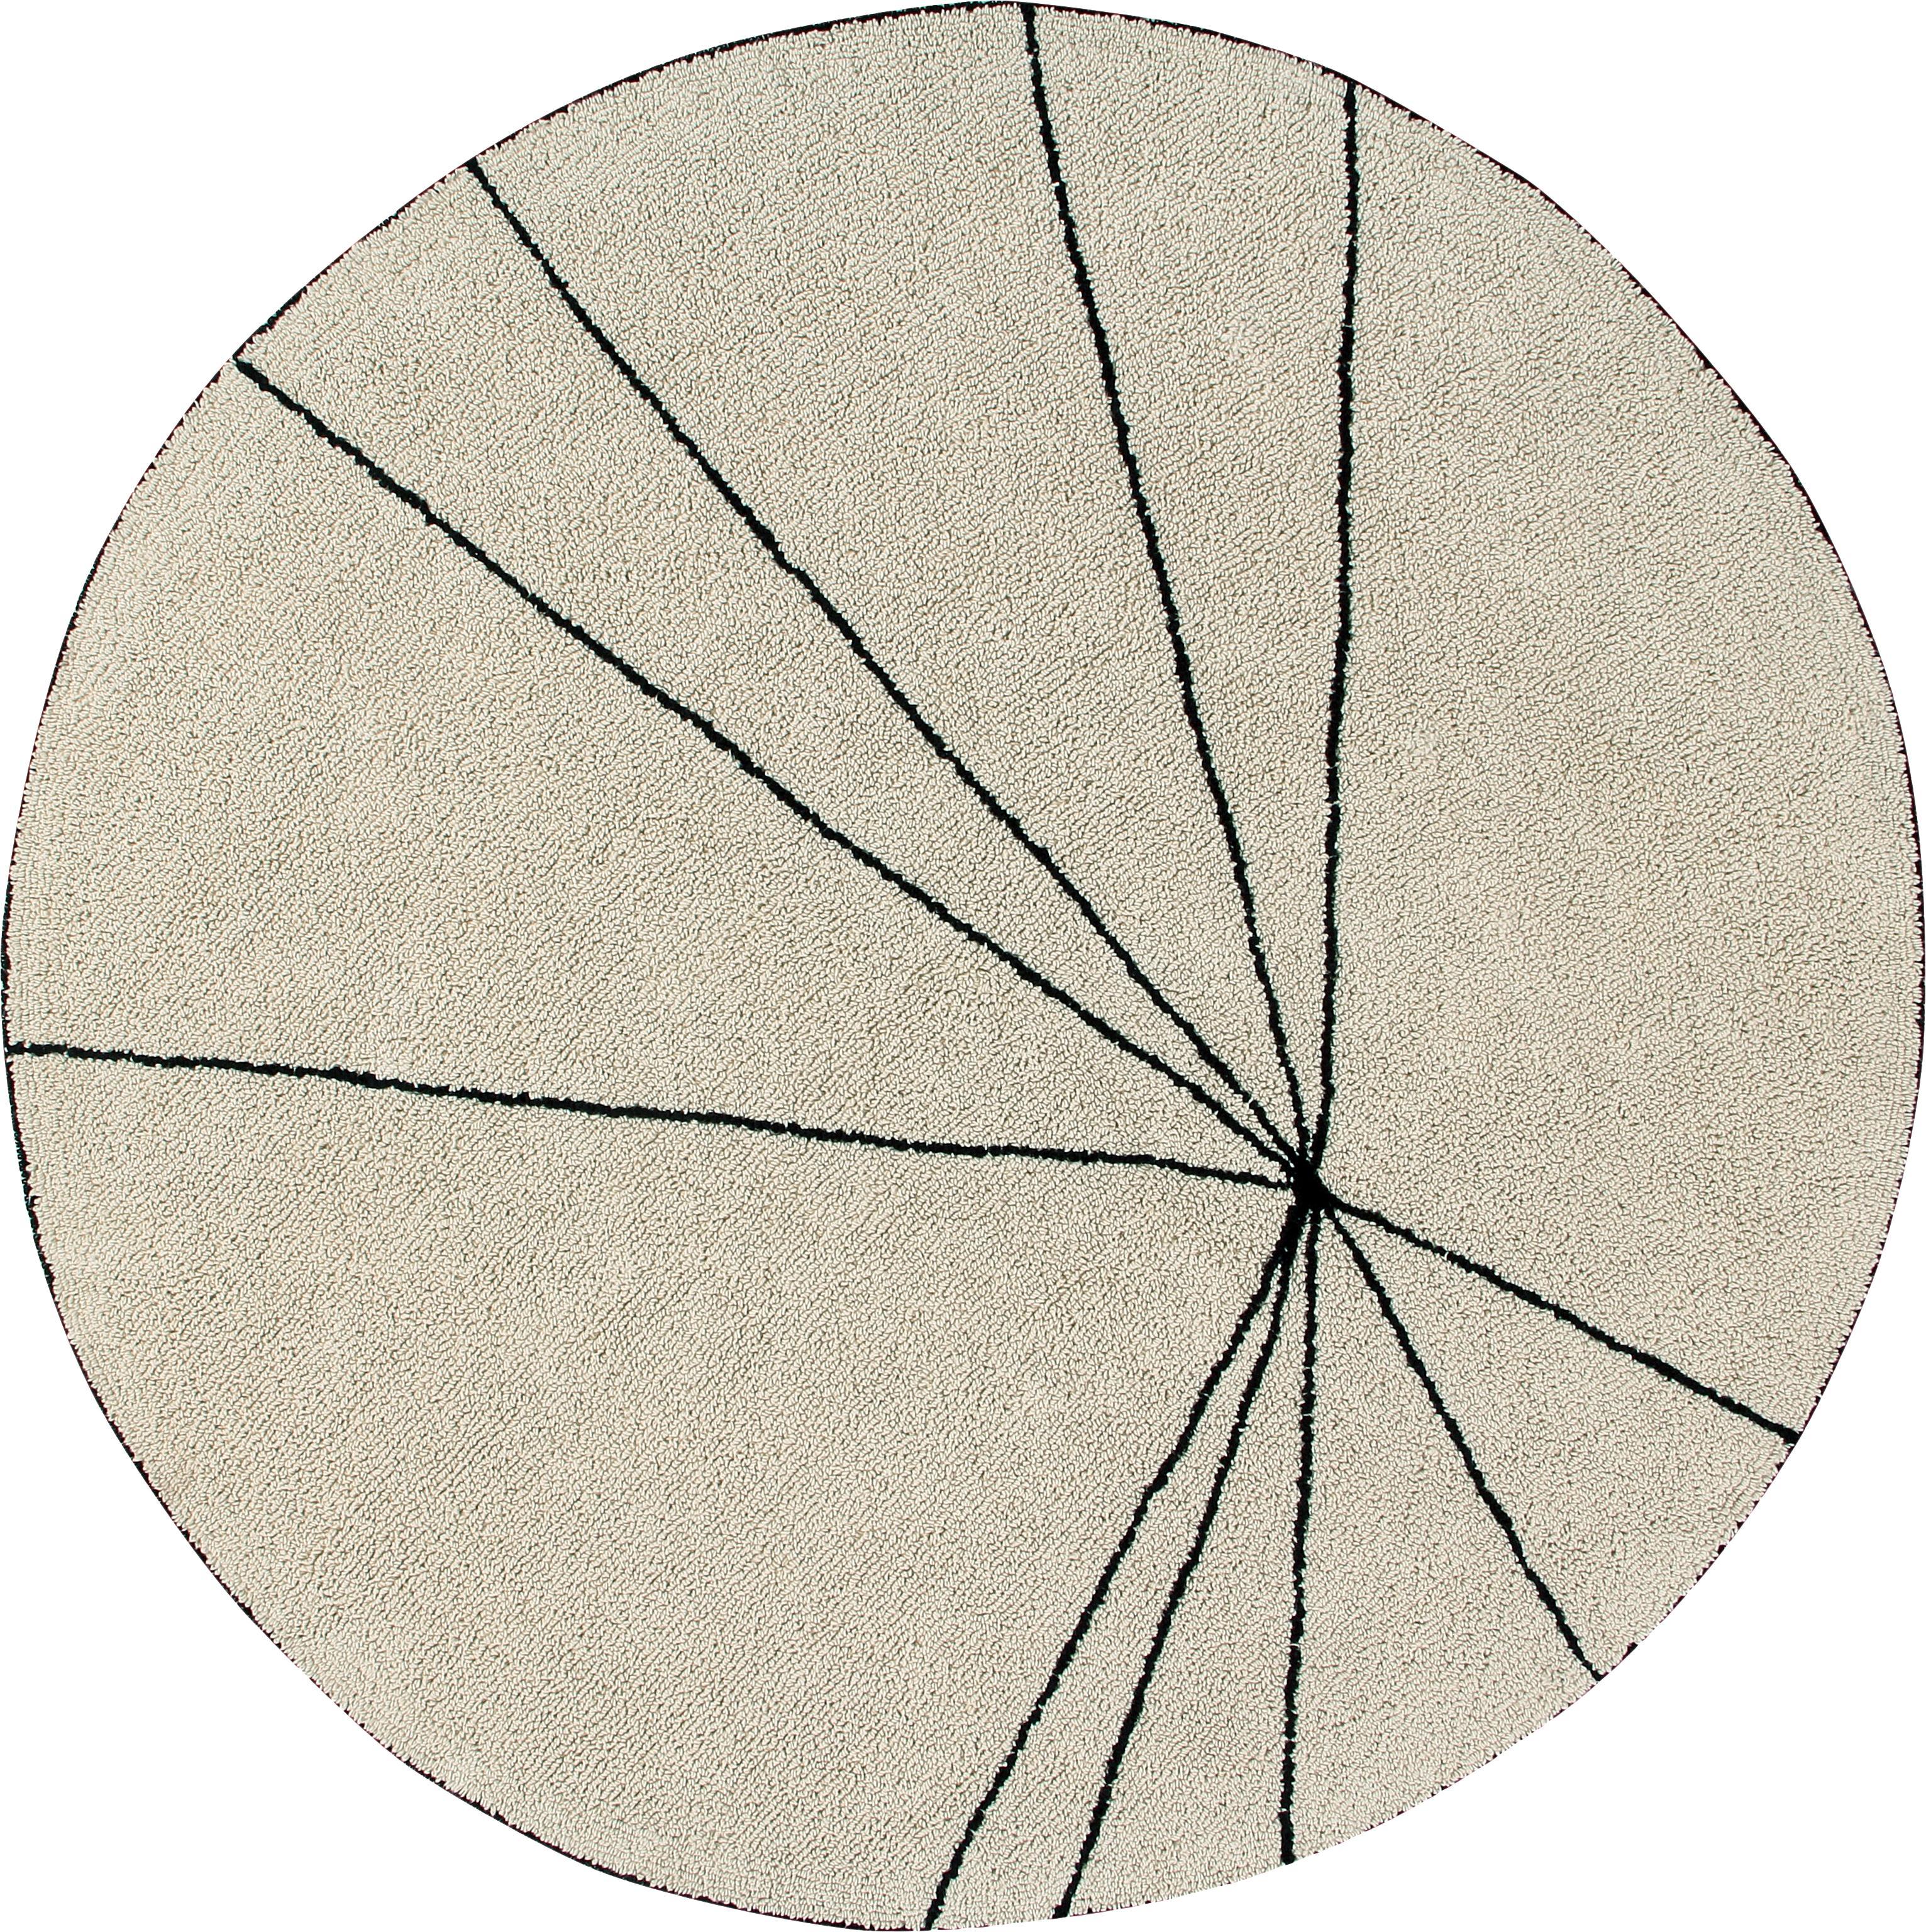 Baumwollteppich Trace, rund, Flor: 90% Baumwolle, 10% recyce, Beige, Schwarz, Ø 160 cm (Größe L)